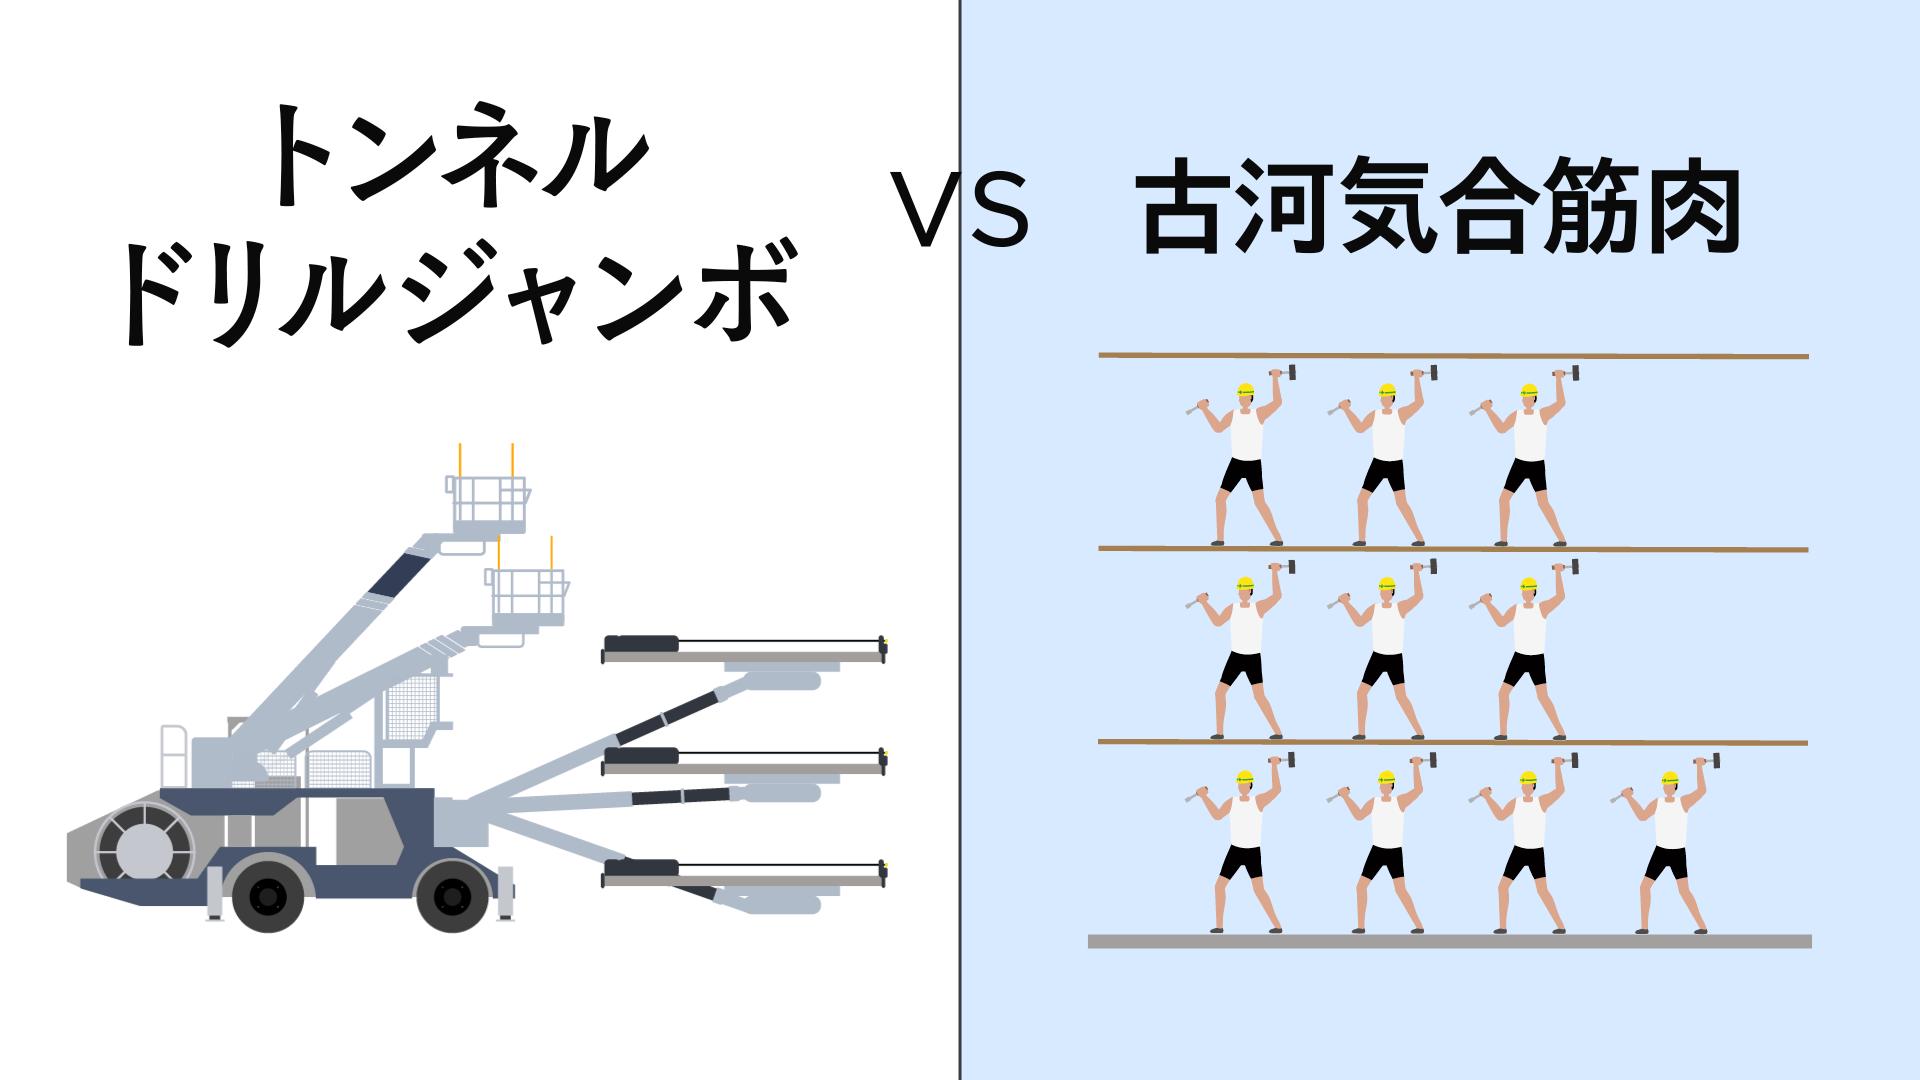 重機対決第2回戦|トンネルドリルジャンボ VS 古河気合筋肉